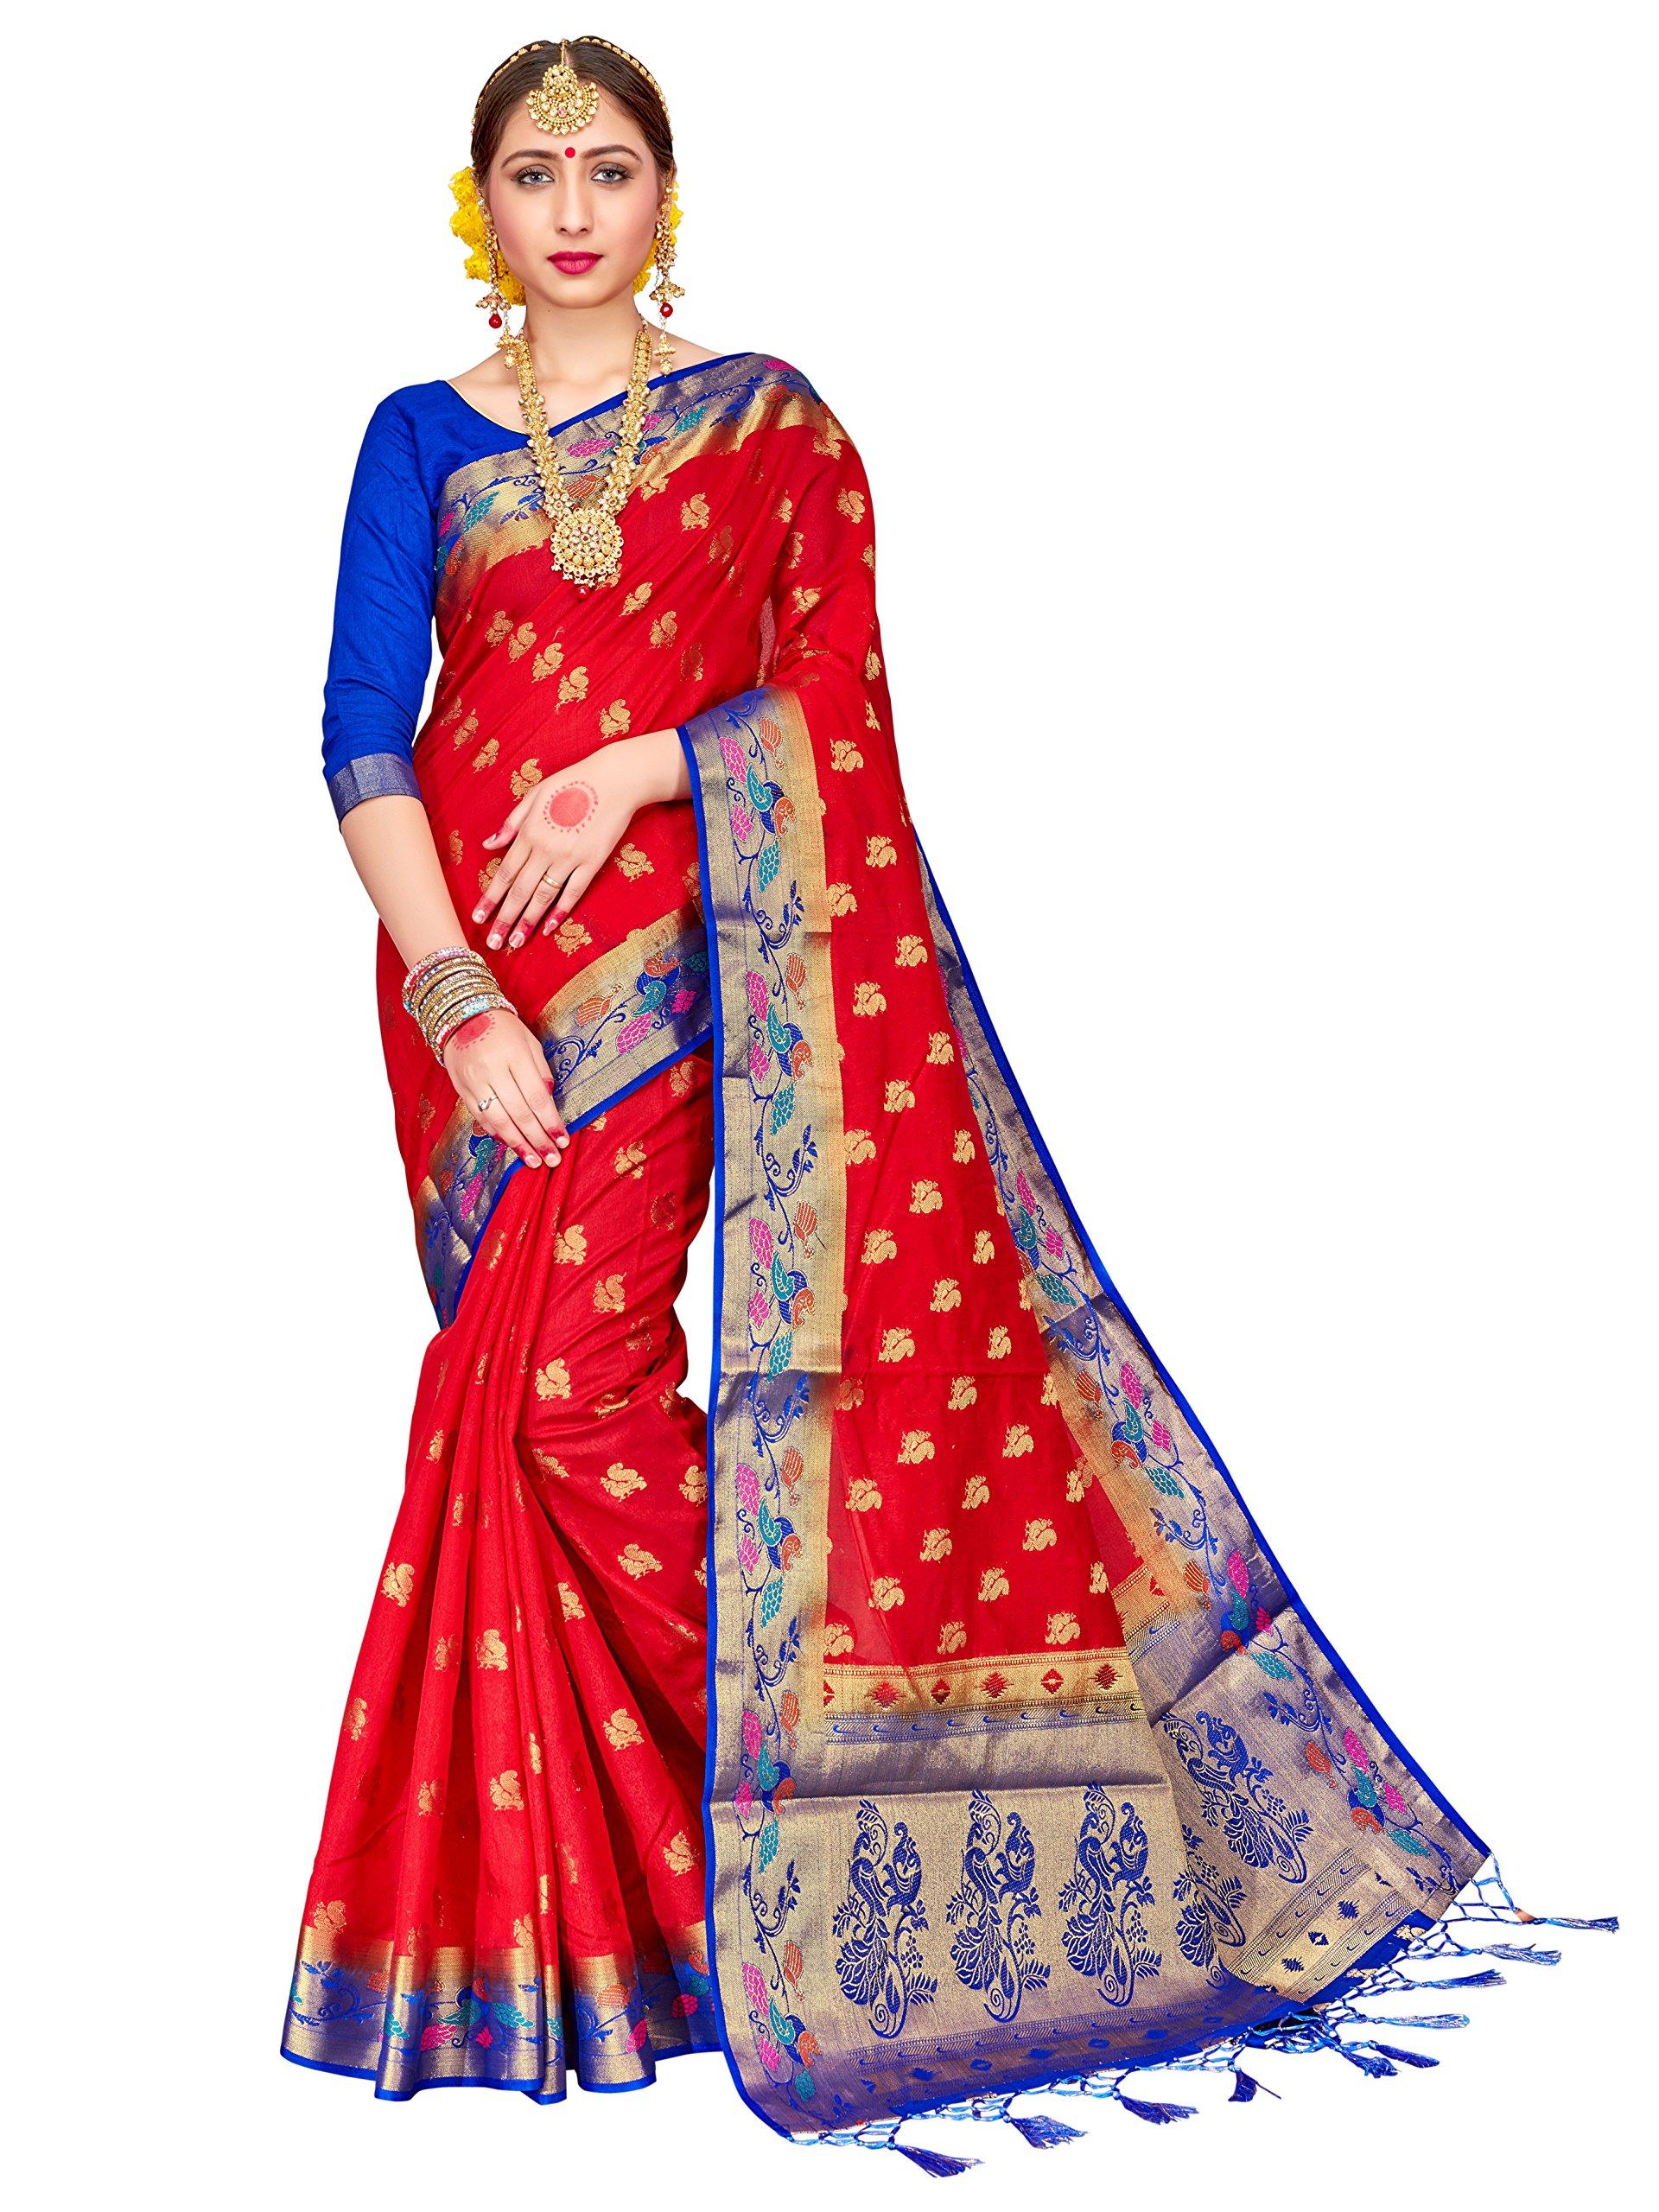 ELINA FASHION Sarees Women Banarasi Art Silk Woven Work Saree l Indian Wedding Traditional Wear Sari & Blouse Piece (Red)